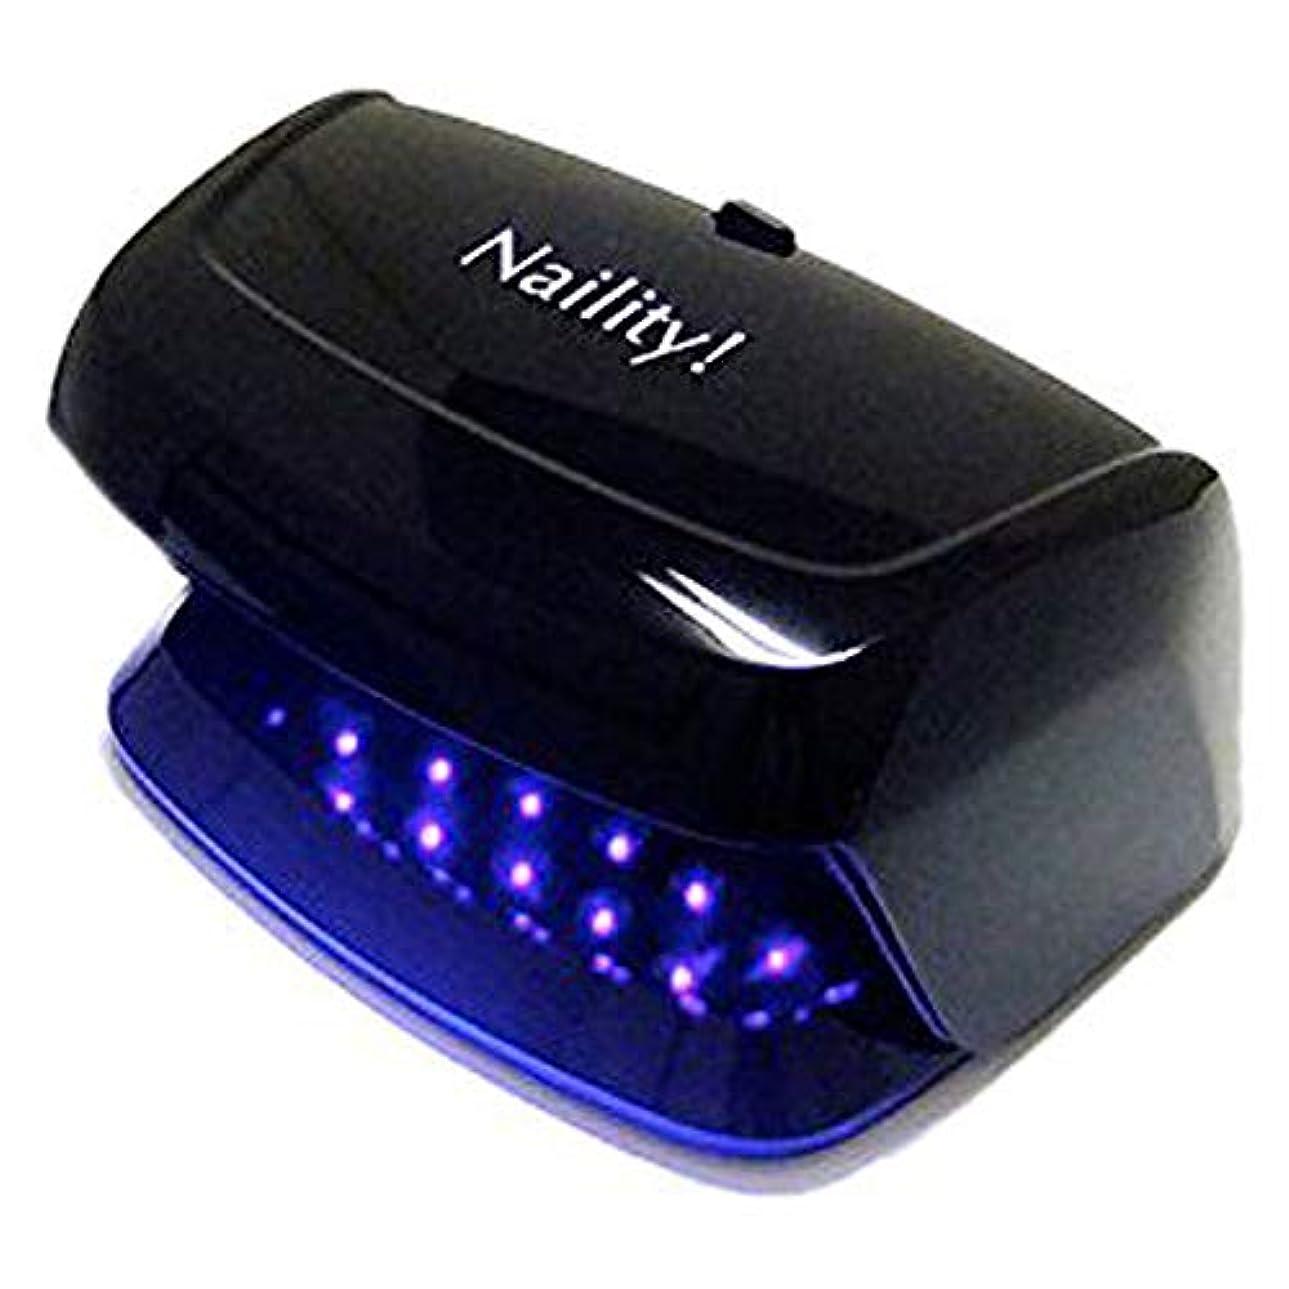 突然の適応するタップNaility!(ネイリティ!) Naility! LEDライト 3W /Black ジェルネイル 1個